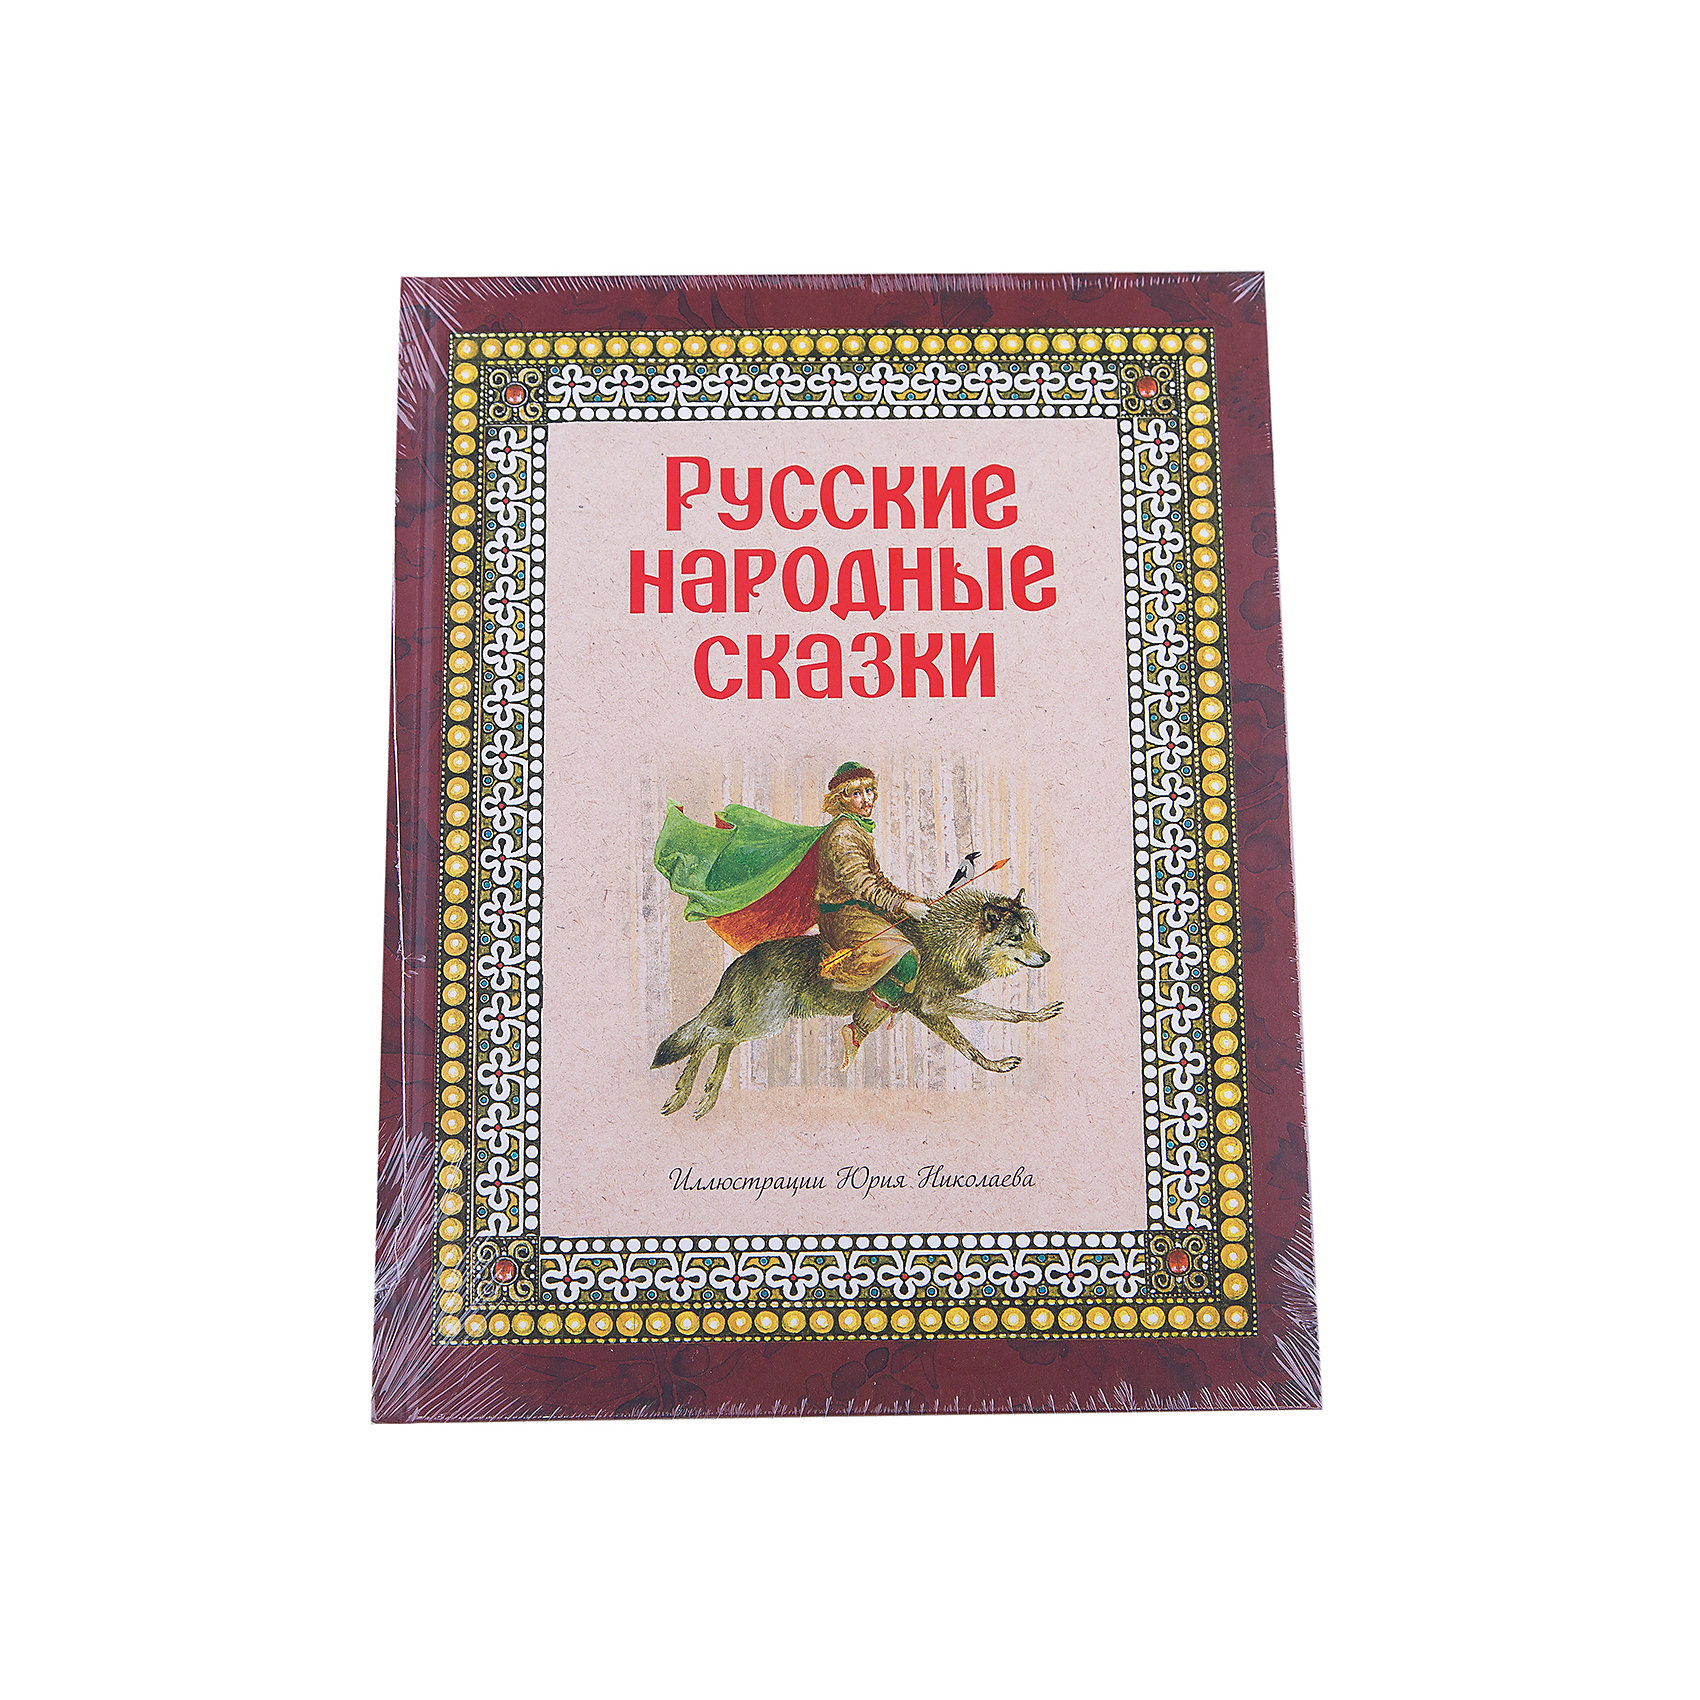 Русские народные сказки (ил. Ю. Николаева)Сказки, рассказы, стихи<br>Представляем вашему вниманию Русские народные сказки с иллюстрациями Юрия Николаева.<br>В обработке А. Толстого и А. Афанасьева.<br>Для младшего школьного возраста.<br><br>Ширина мм: 255<br>Глубина мм: 197<br>Высота мм: 160<br>Вес г: 635<br>Возраст от месяцев: 84<br>Возраст до месяцев: 2147483647<br>Пол: Унисекс<br>Возраст: Детский<br>SKU: 5535554